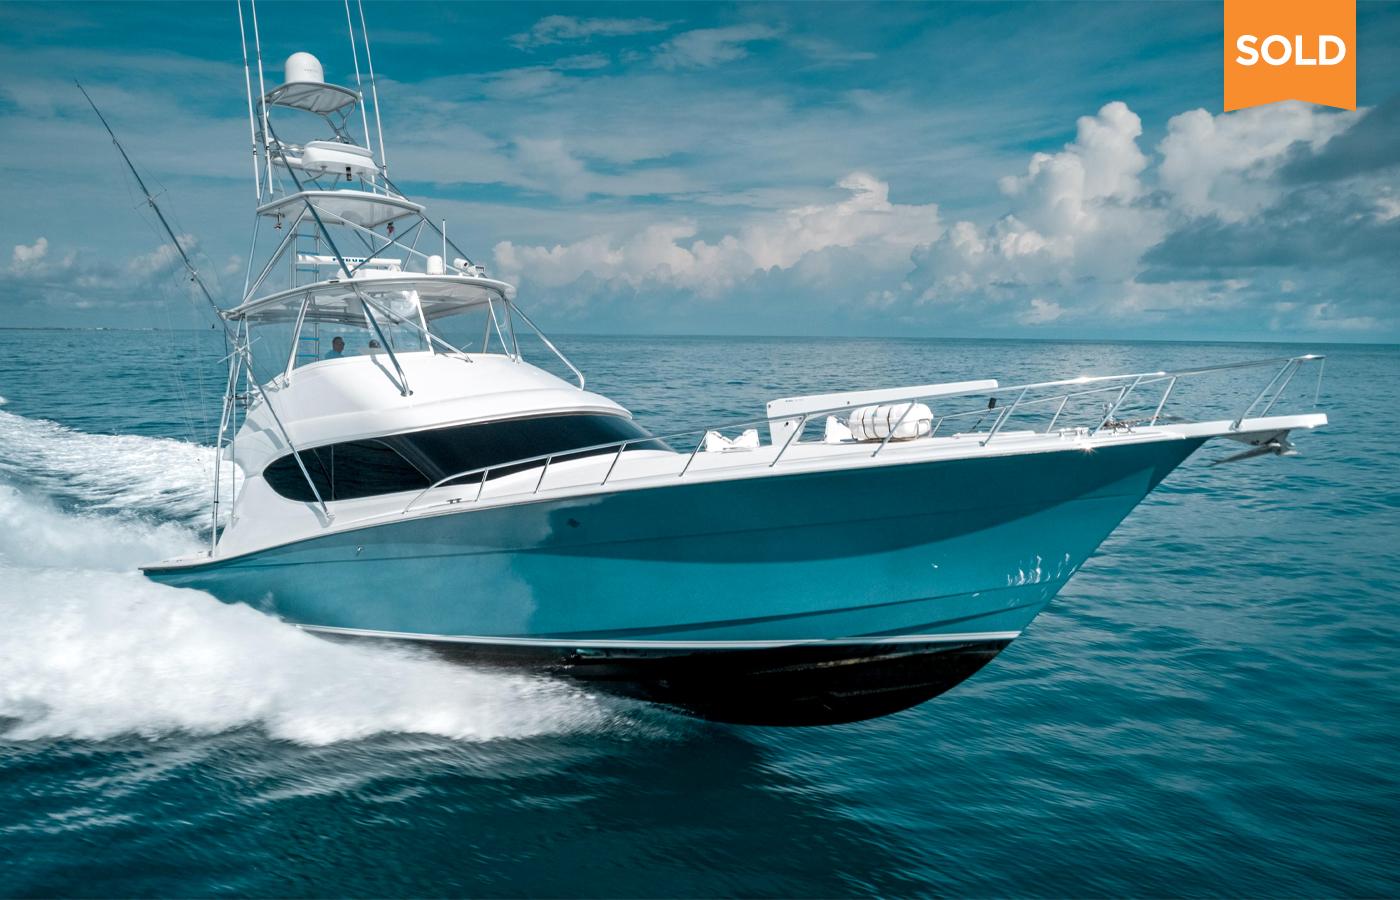 60 Hatteras Sportfish Yacht Sold By Russ Schafer